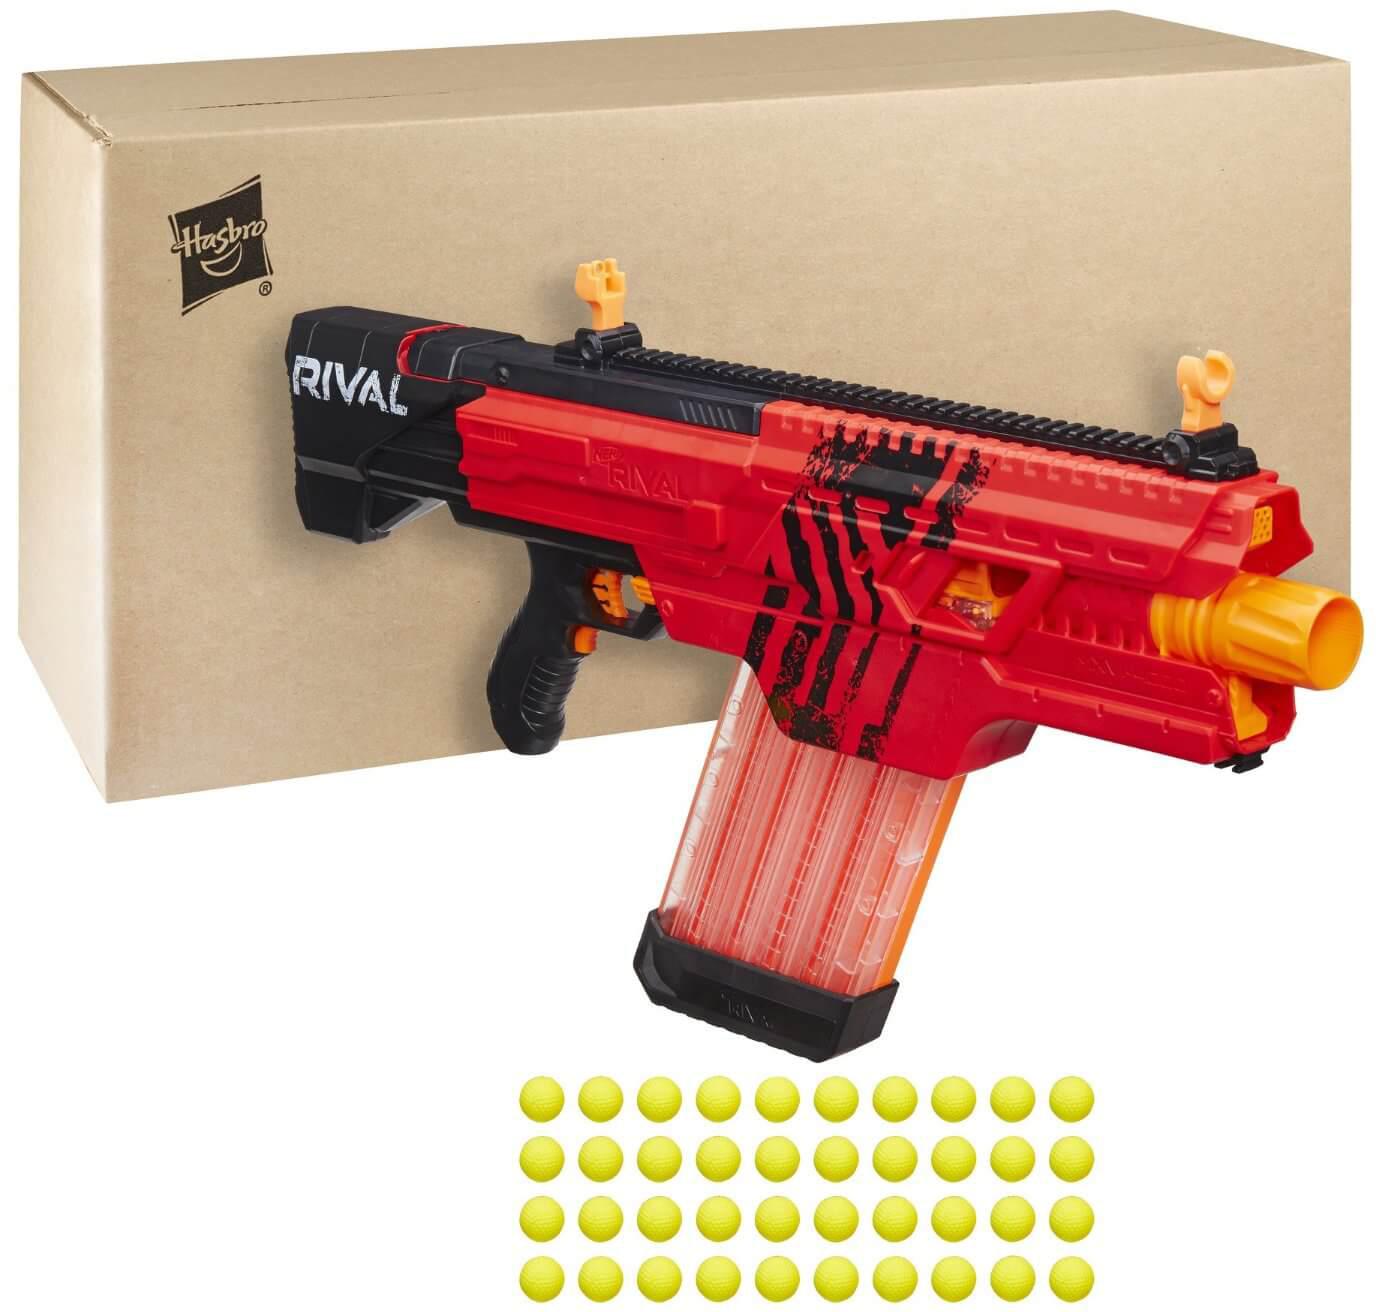 Mua đồ chơi Súng NERF B3859 - Súng NERF RIVAL KHAOS MXVI-4000 BLASTER - RED (ĐỎ)